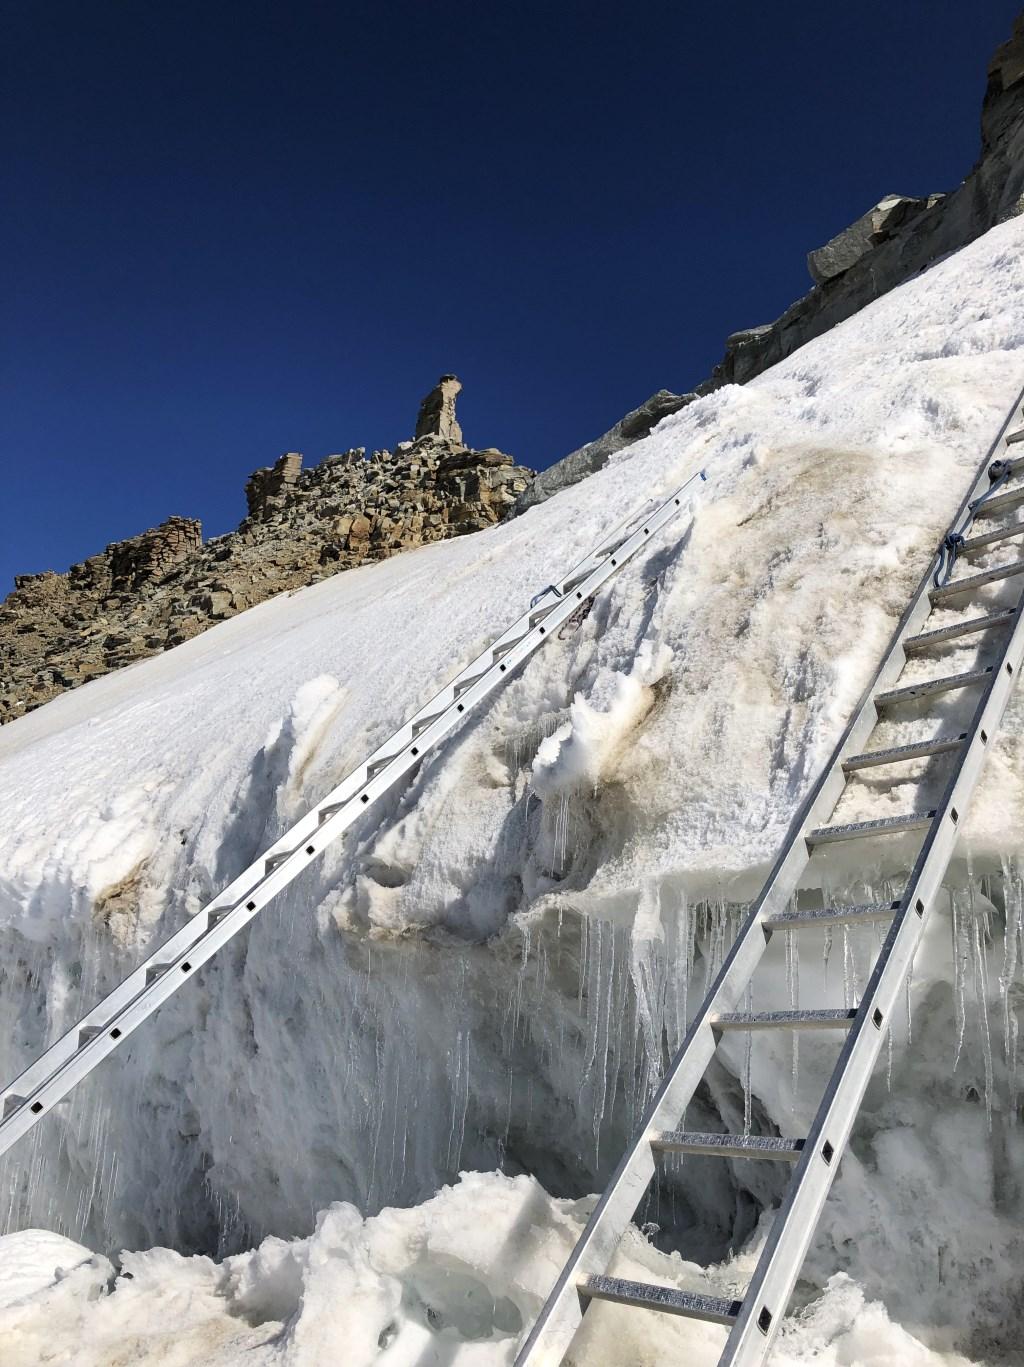 Sommige gletsjer spleten konden alleen genomen worden omdat er aluminium trappen over heen gelegd waren. Wim Jacobs © BDU media